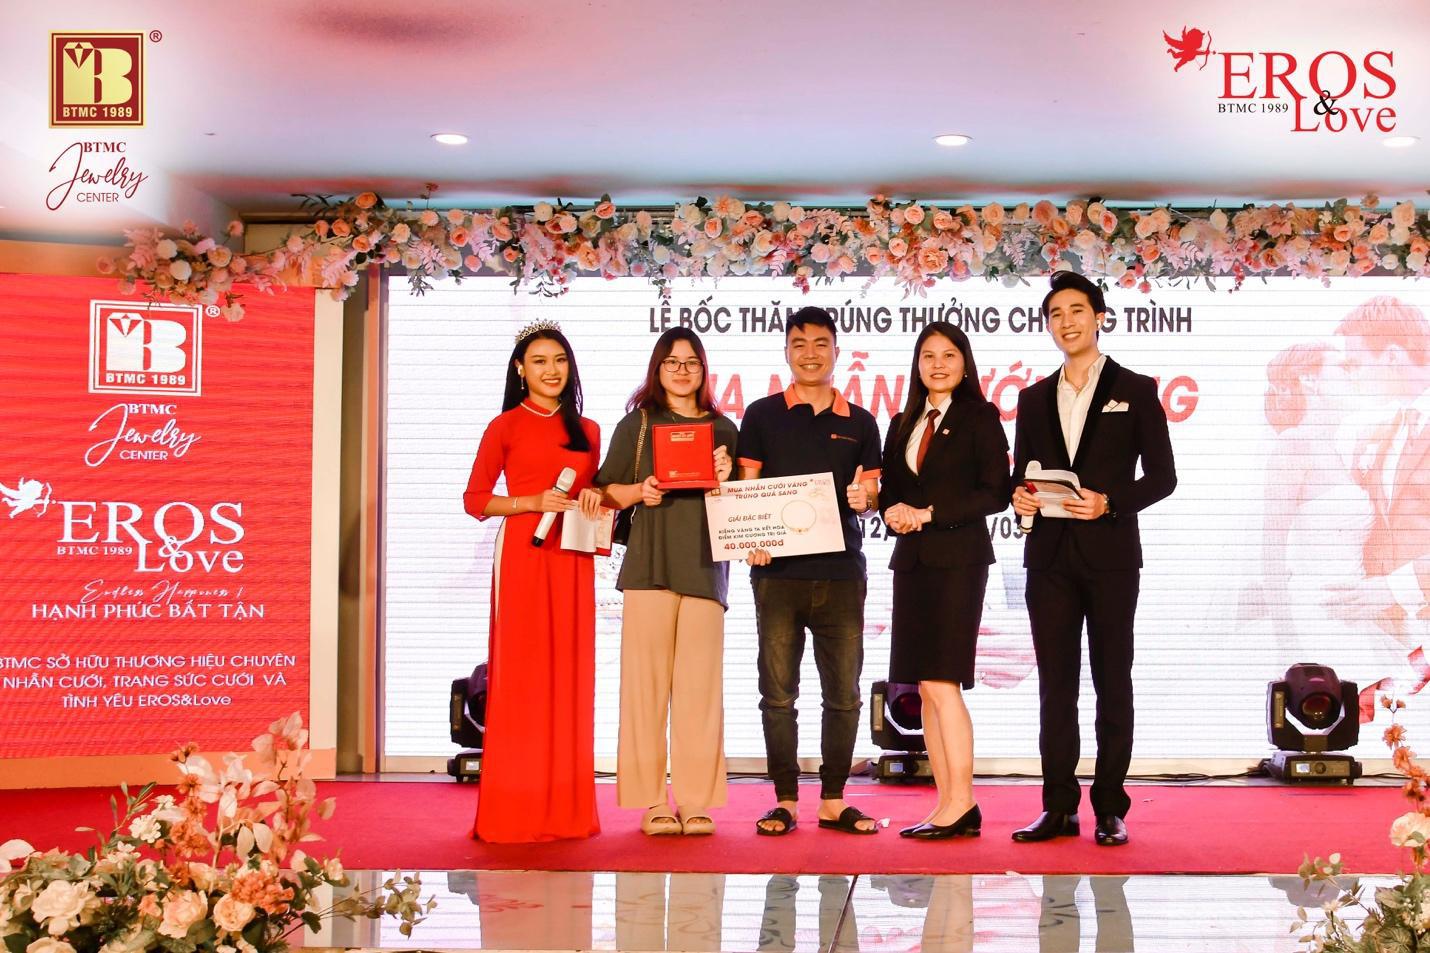 Bảo Tín Minh Châu bốc thăm và trao giải thưởng mùa cưới 2020 - 2021 đợt 2 - Ảnh 2.